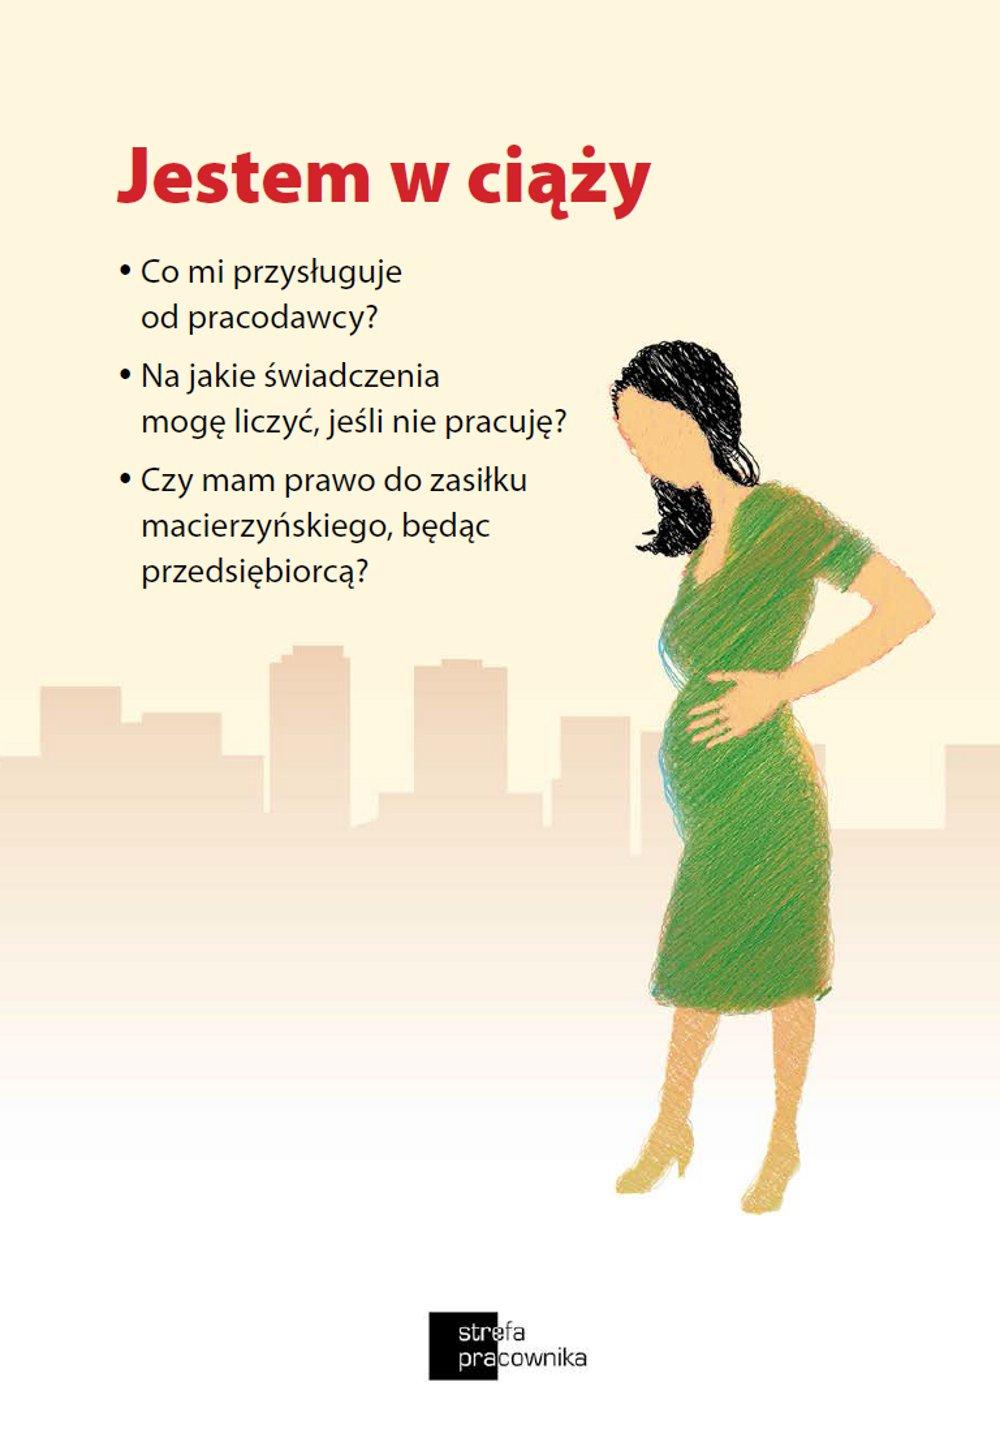 Jestem w ciąży. Co mi przysługuje od pracodawcy? Na jakie świadczenia mogę liczyć, jeśli nie pracuję? Czy mam prawo do zasiłku macierzyńskiego, będąc przedsiębiorcą? - Ebook (Książka PDF) do pobrania w formacie PDF